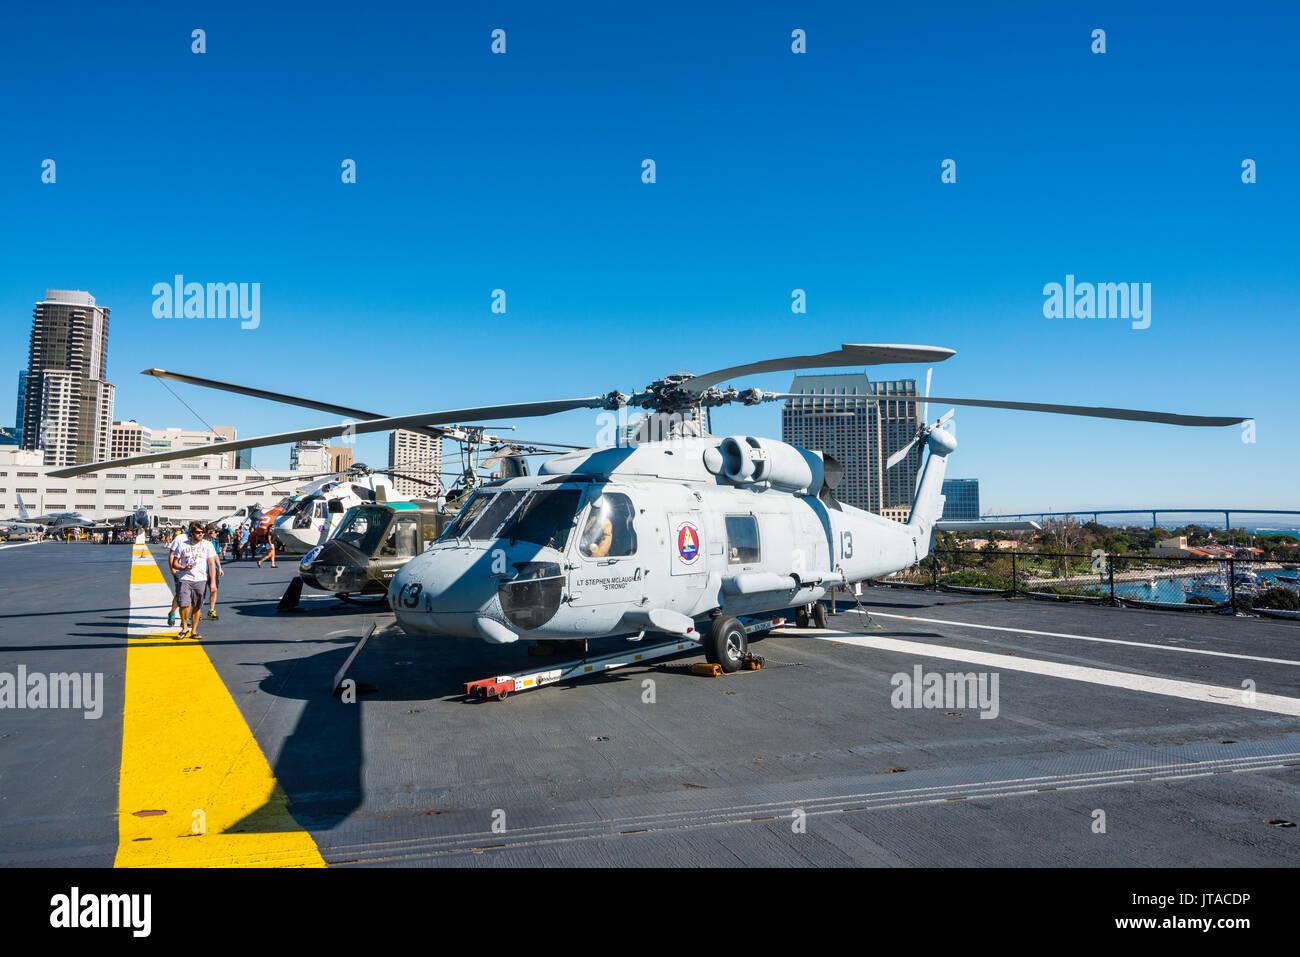 Hubschrauber auf dem Deck der USS Midway Museum, San Diego, Kalifornien, Vereinigte Staaten von Amerika, Nordamerika Stockbild